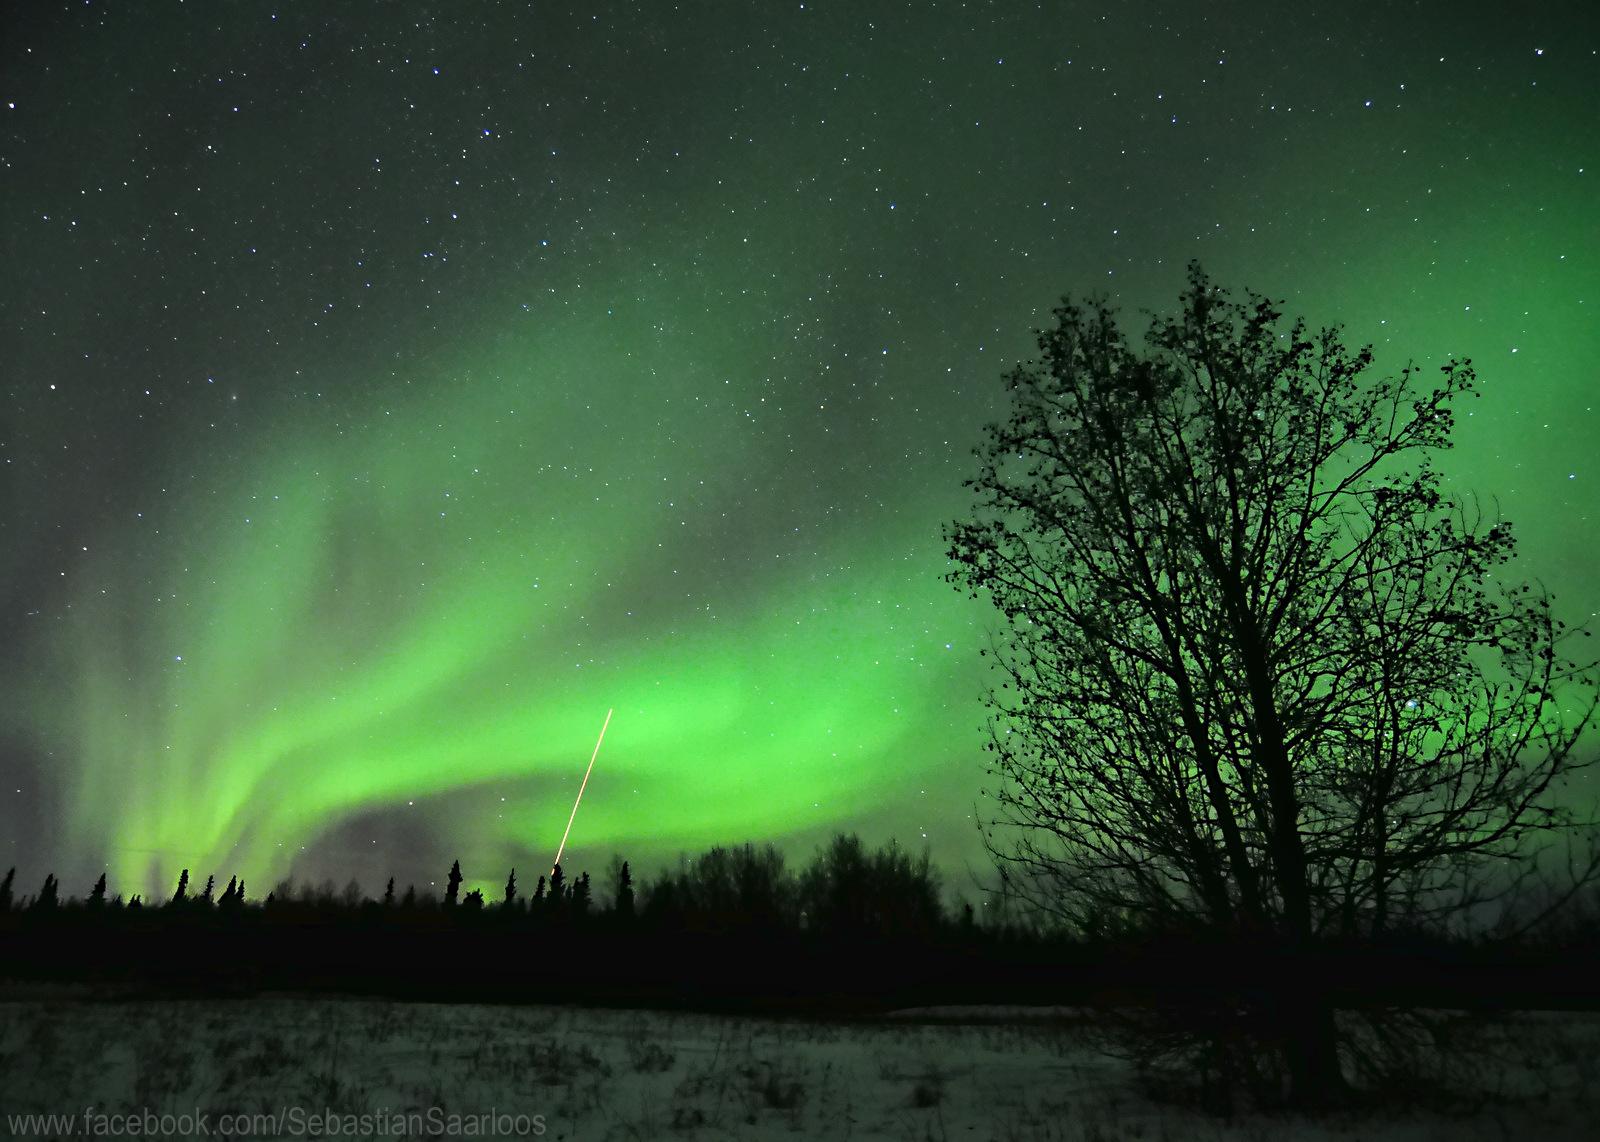 VISIONS Rocketing into the Northern Lights | NASA